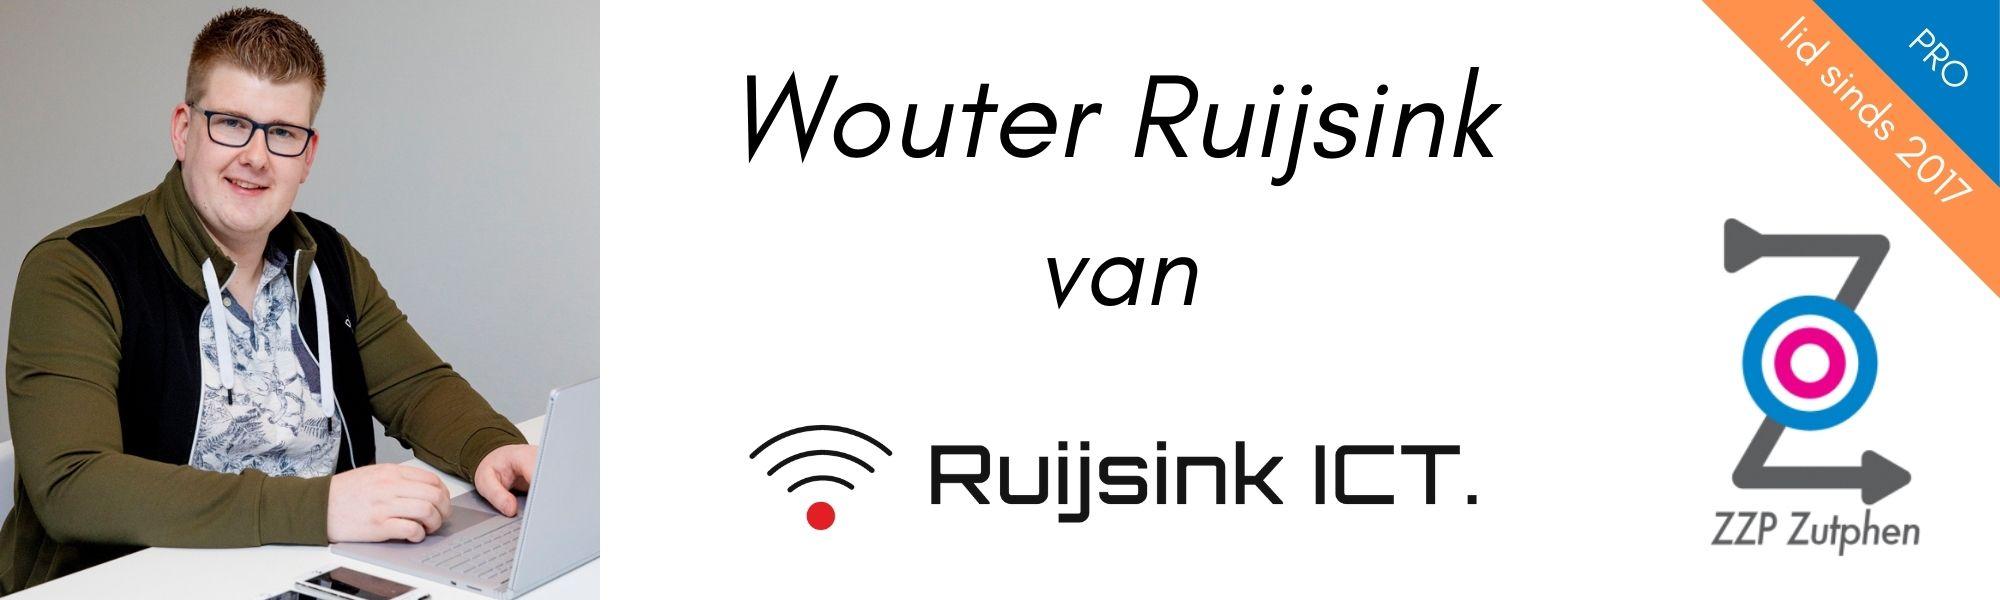 ruijsink-ict-domotica-en-computerhulp-zzp-zutphen